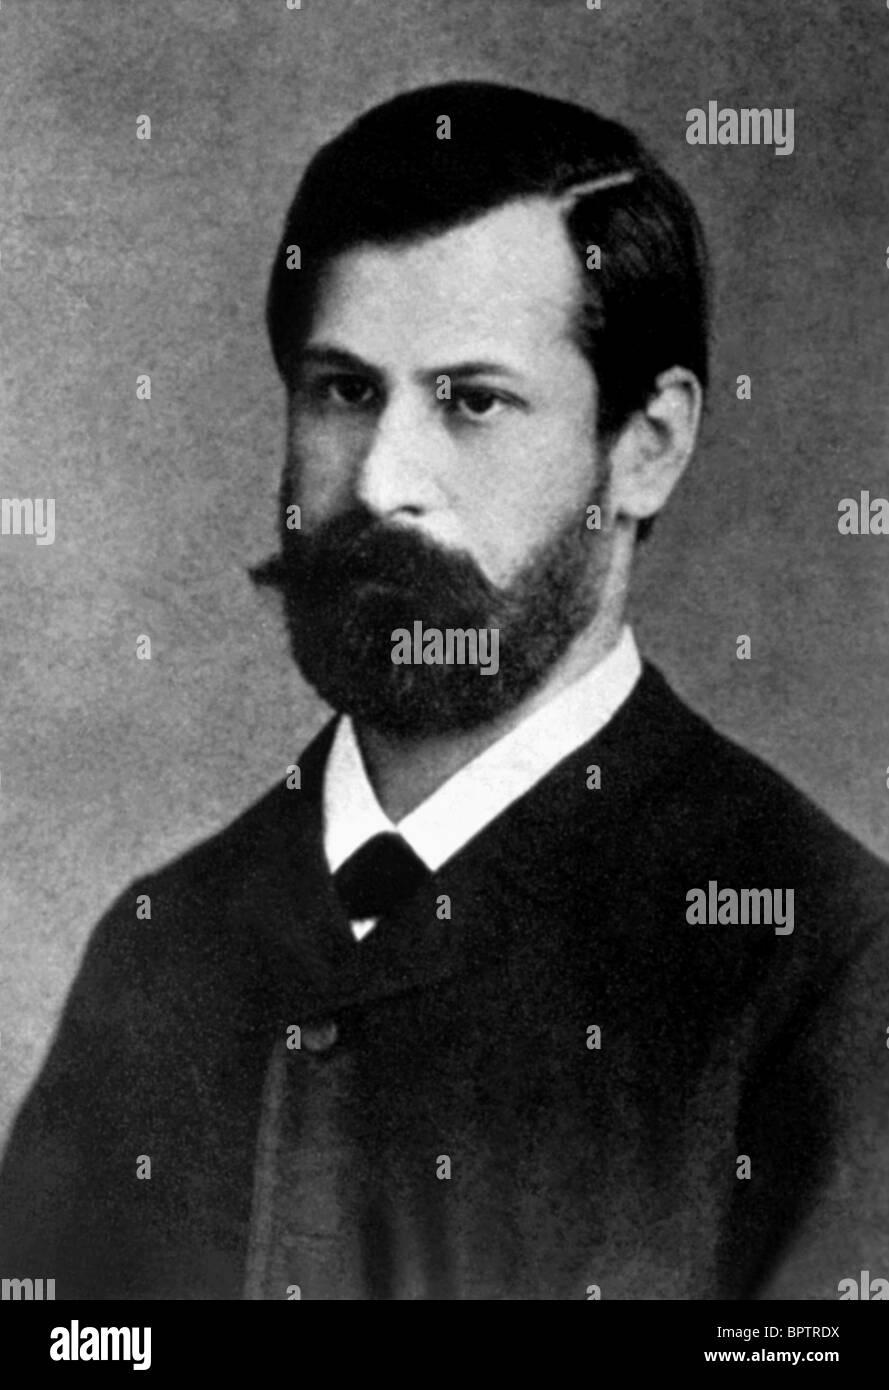 bf5d367ed DR. SIGMUND FREUD-BEGRÜNDER DER PSYCHOANALYSE (1885 Stockfoto, Bild ...